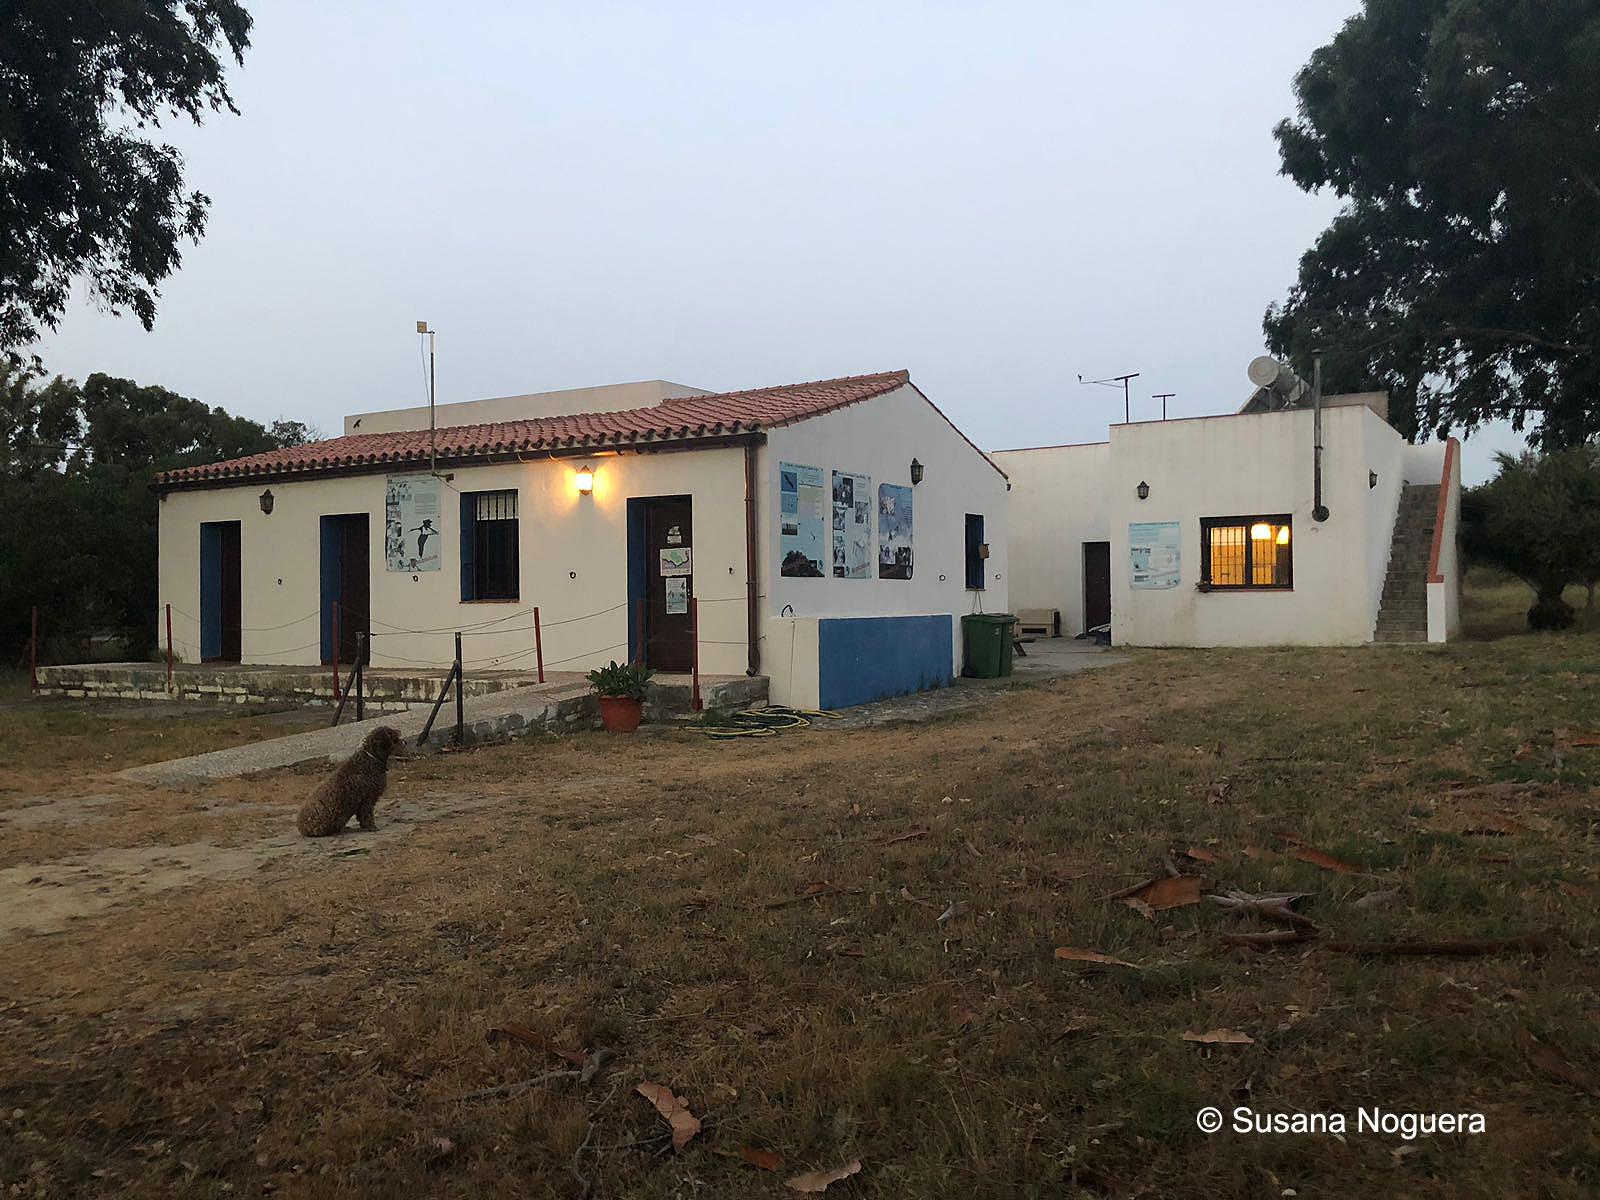 La Estación Ornitológica de Doñana. Imagen: Susana Noguera